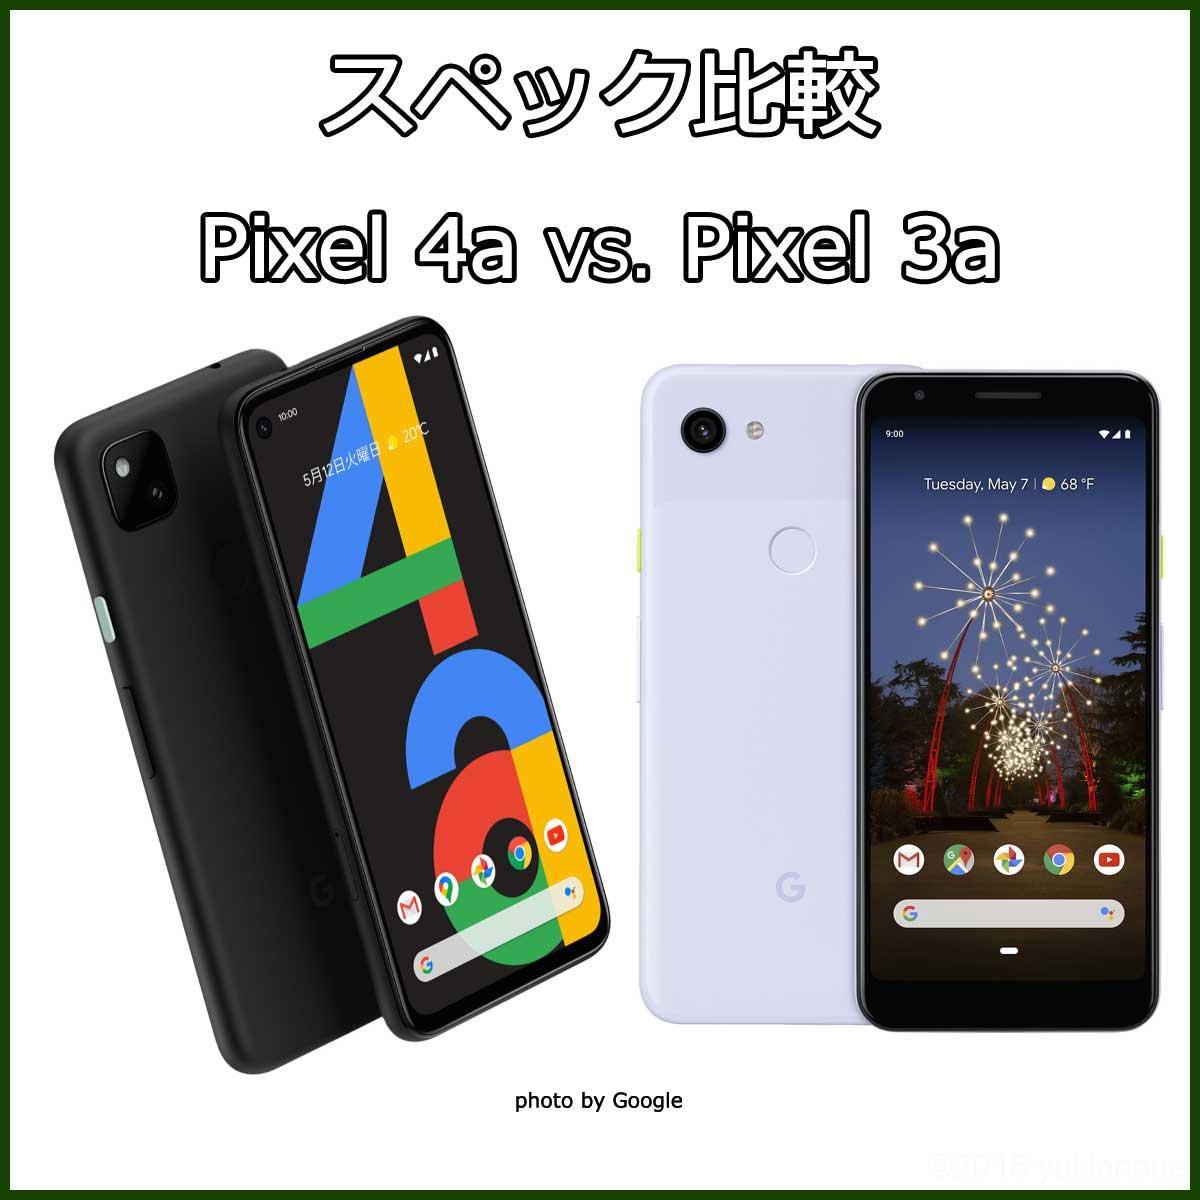 スマートフォン Pixel4a スペック 仕様